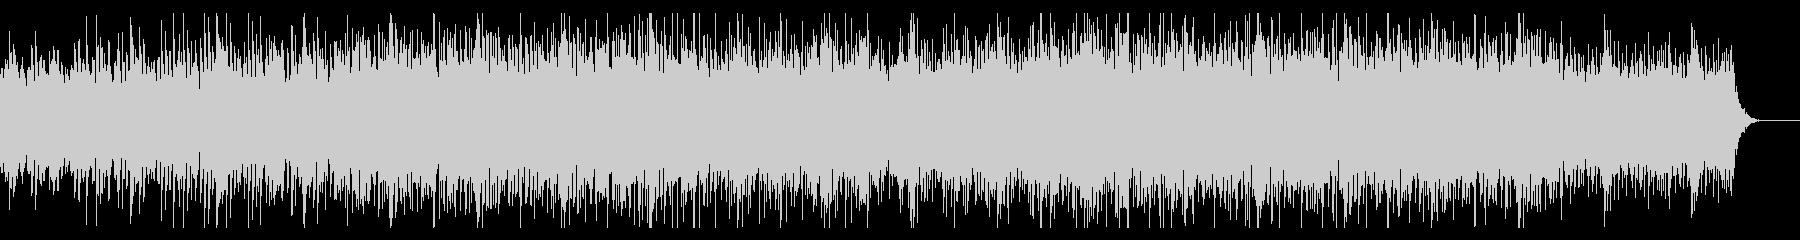 ダークでディープなハウス・テクノの未再生の波形